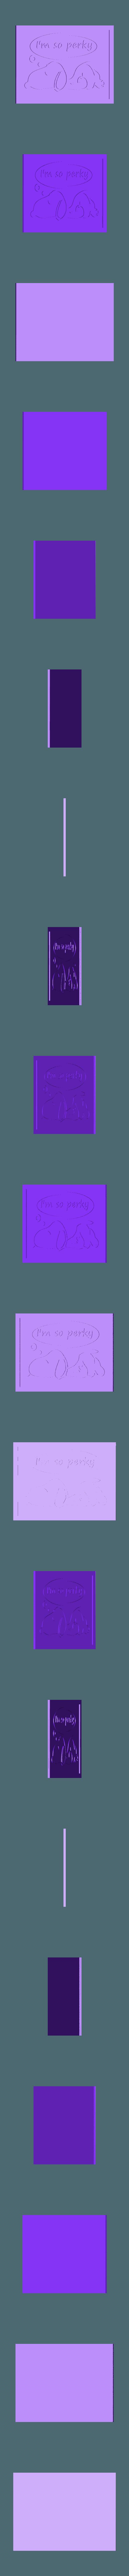 Anime_-_Snoopy_-_Im_so_perky_v1.stl Download free STL file Anime - Snoopy - Im so perky • 3D printable model, yb__magiic